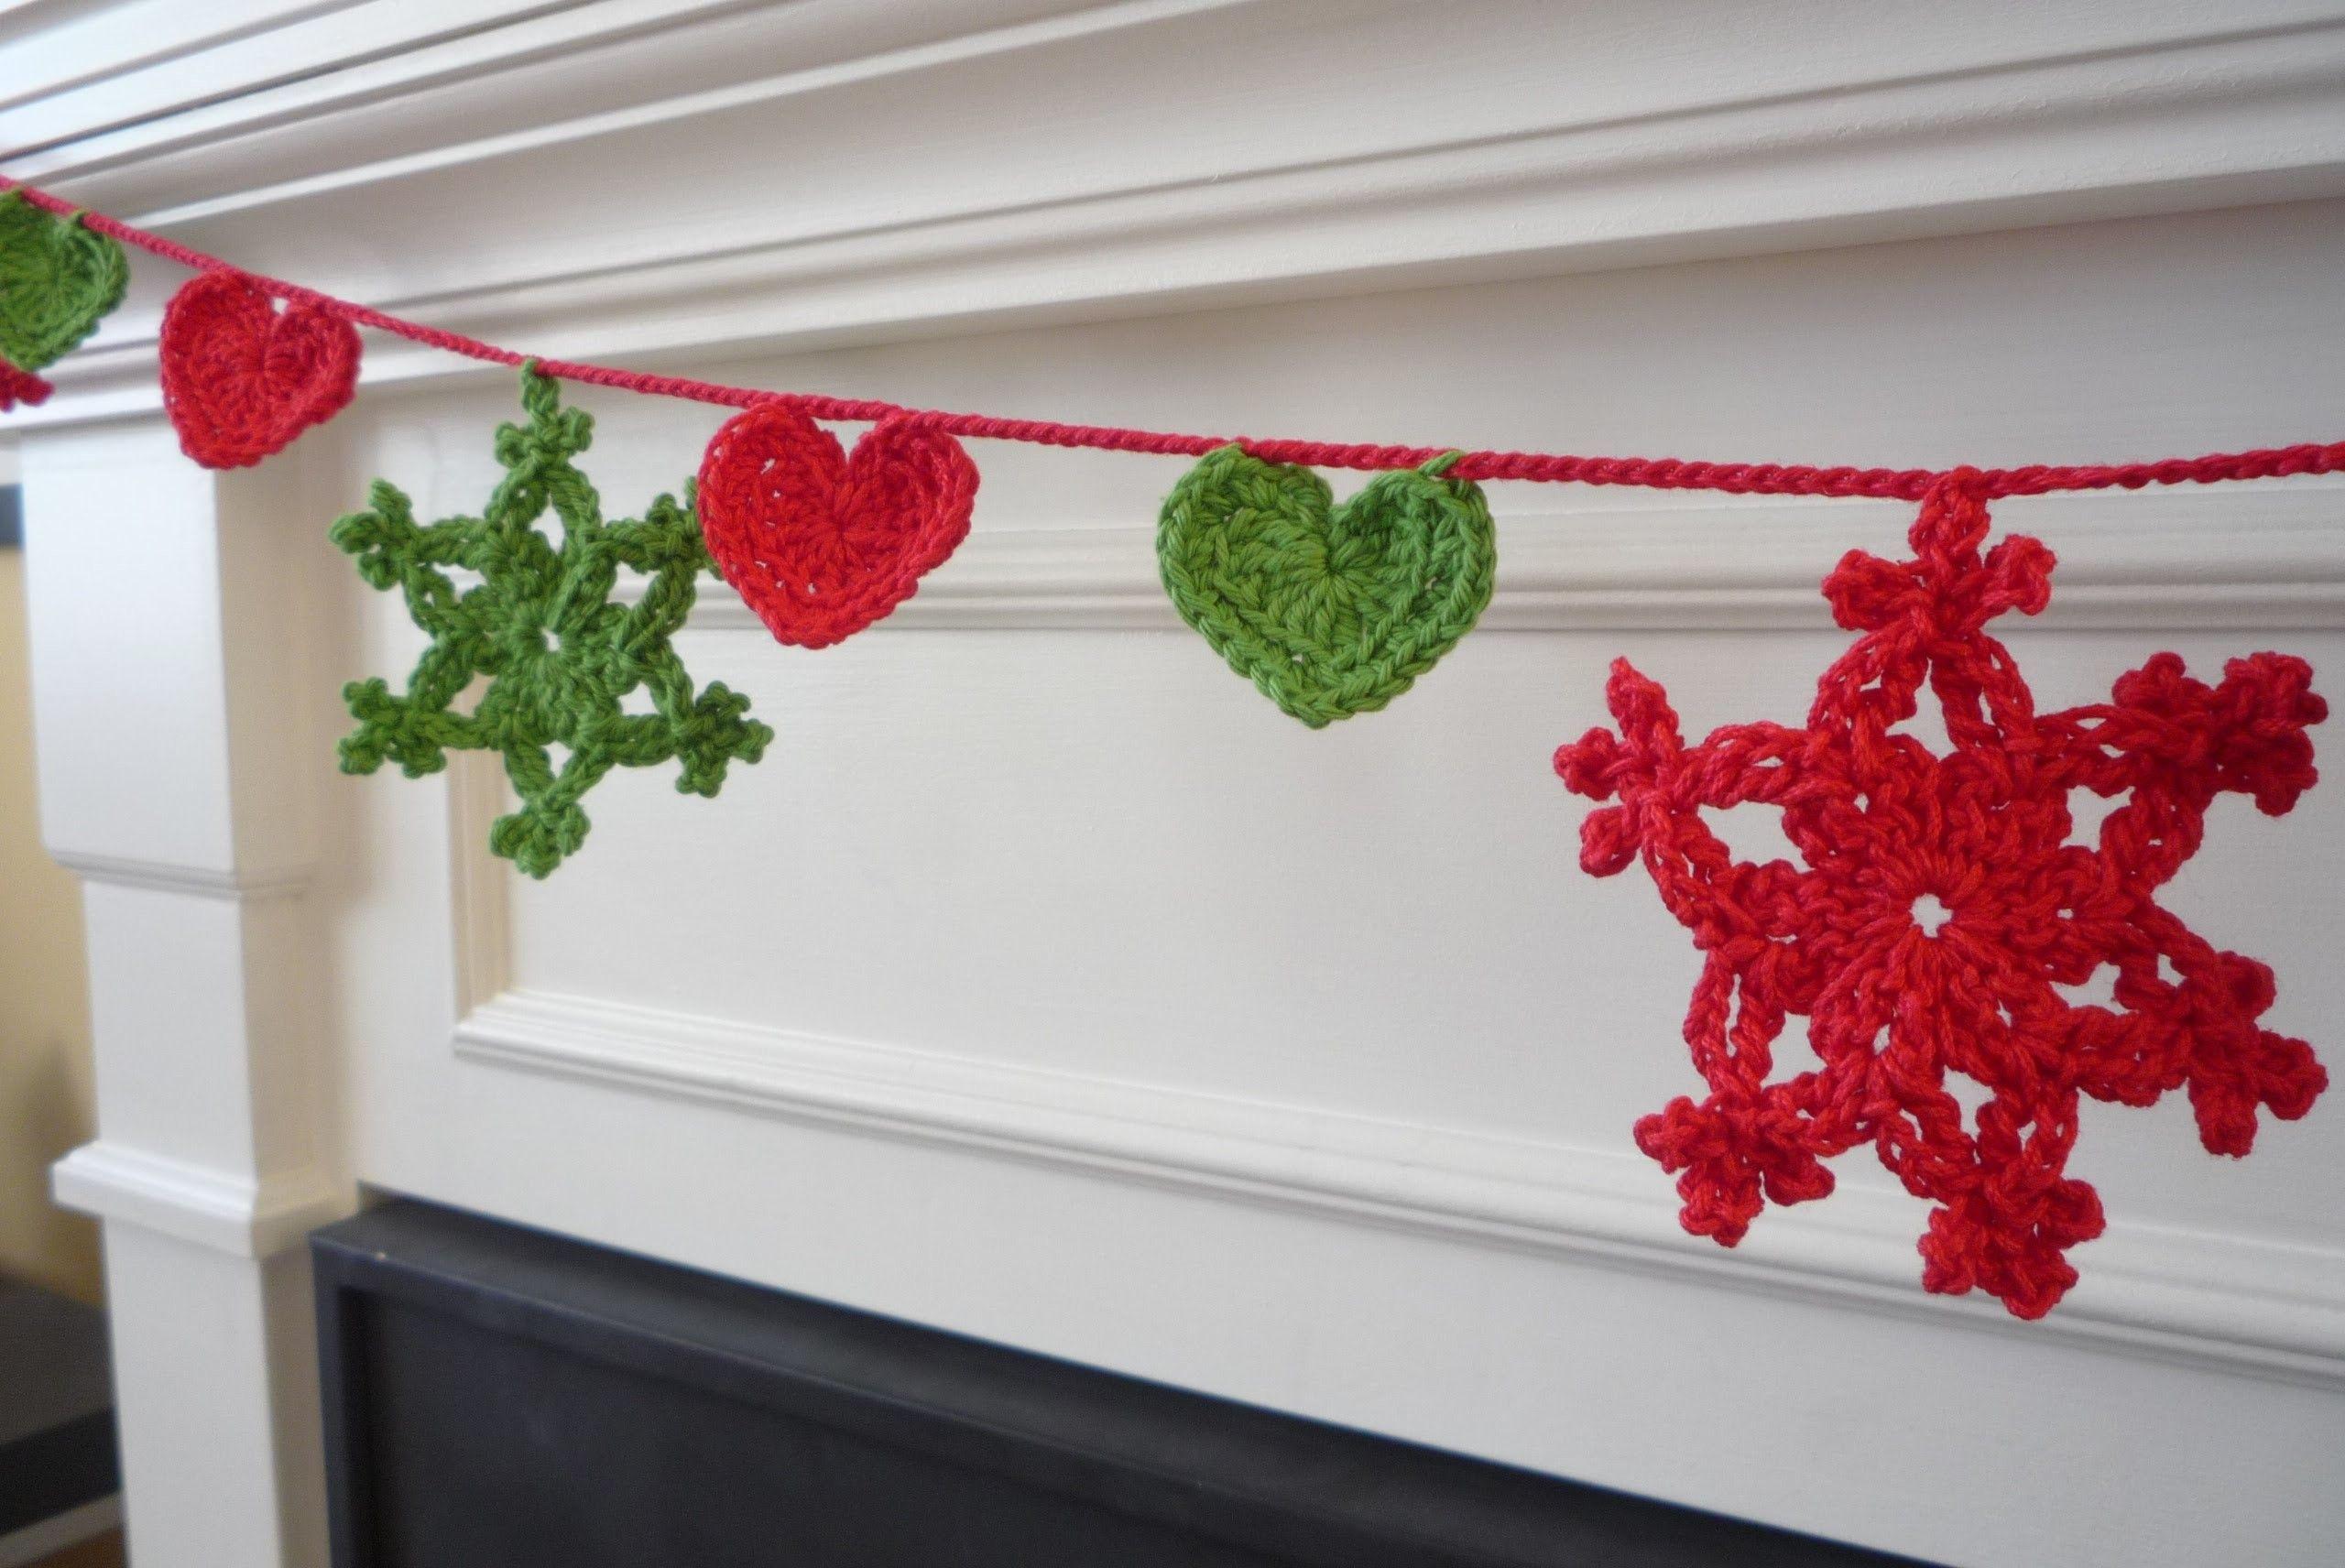 crochet guirnalda de navidad - Guirnalda De Navidad